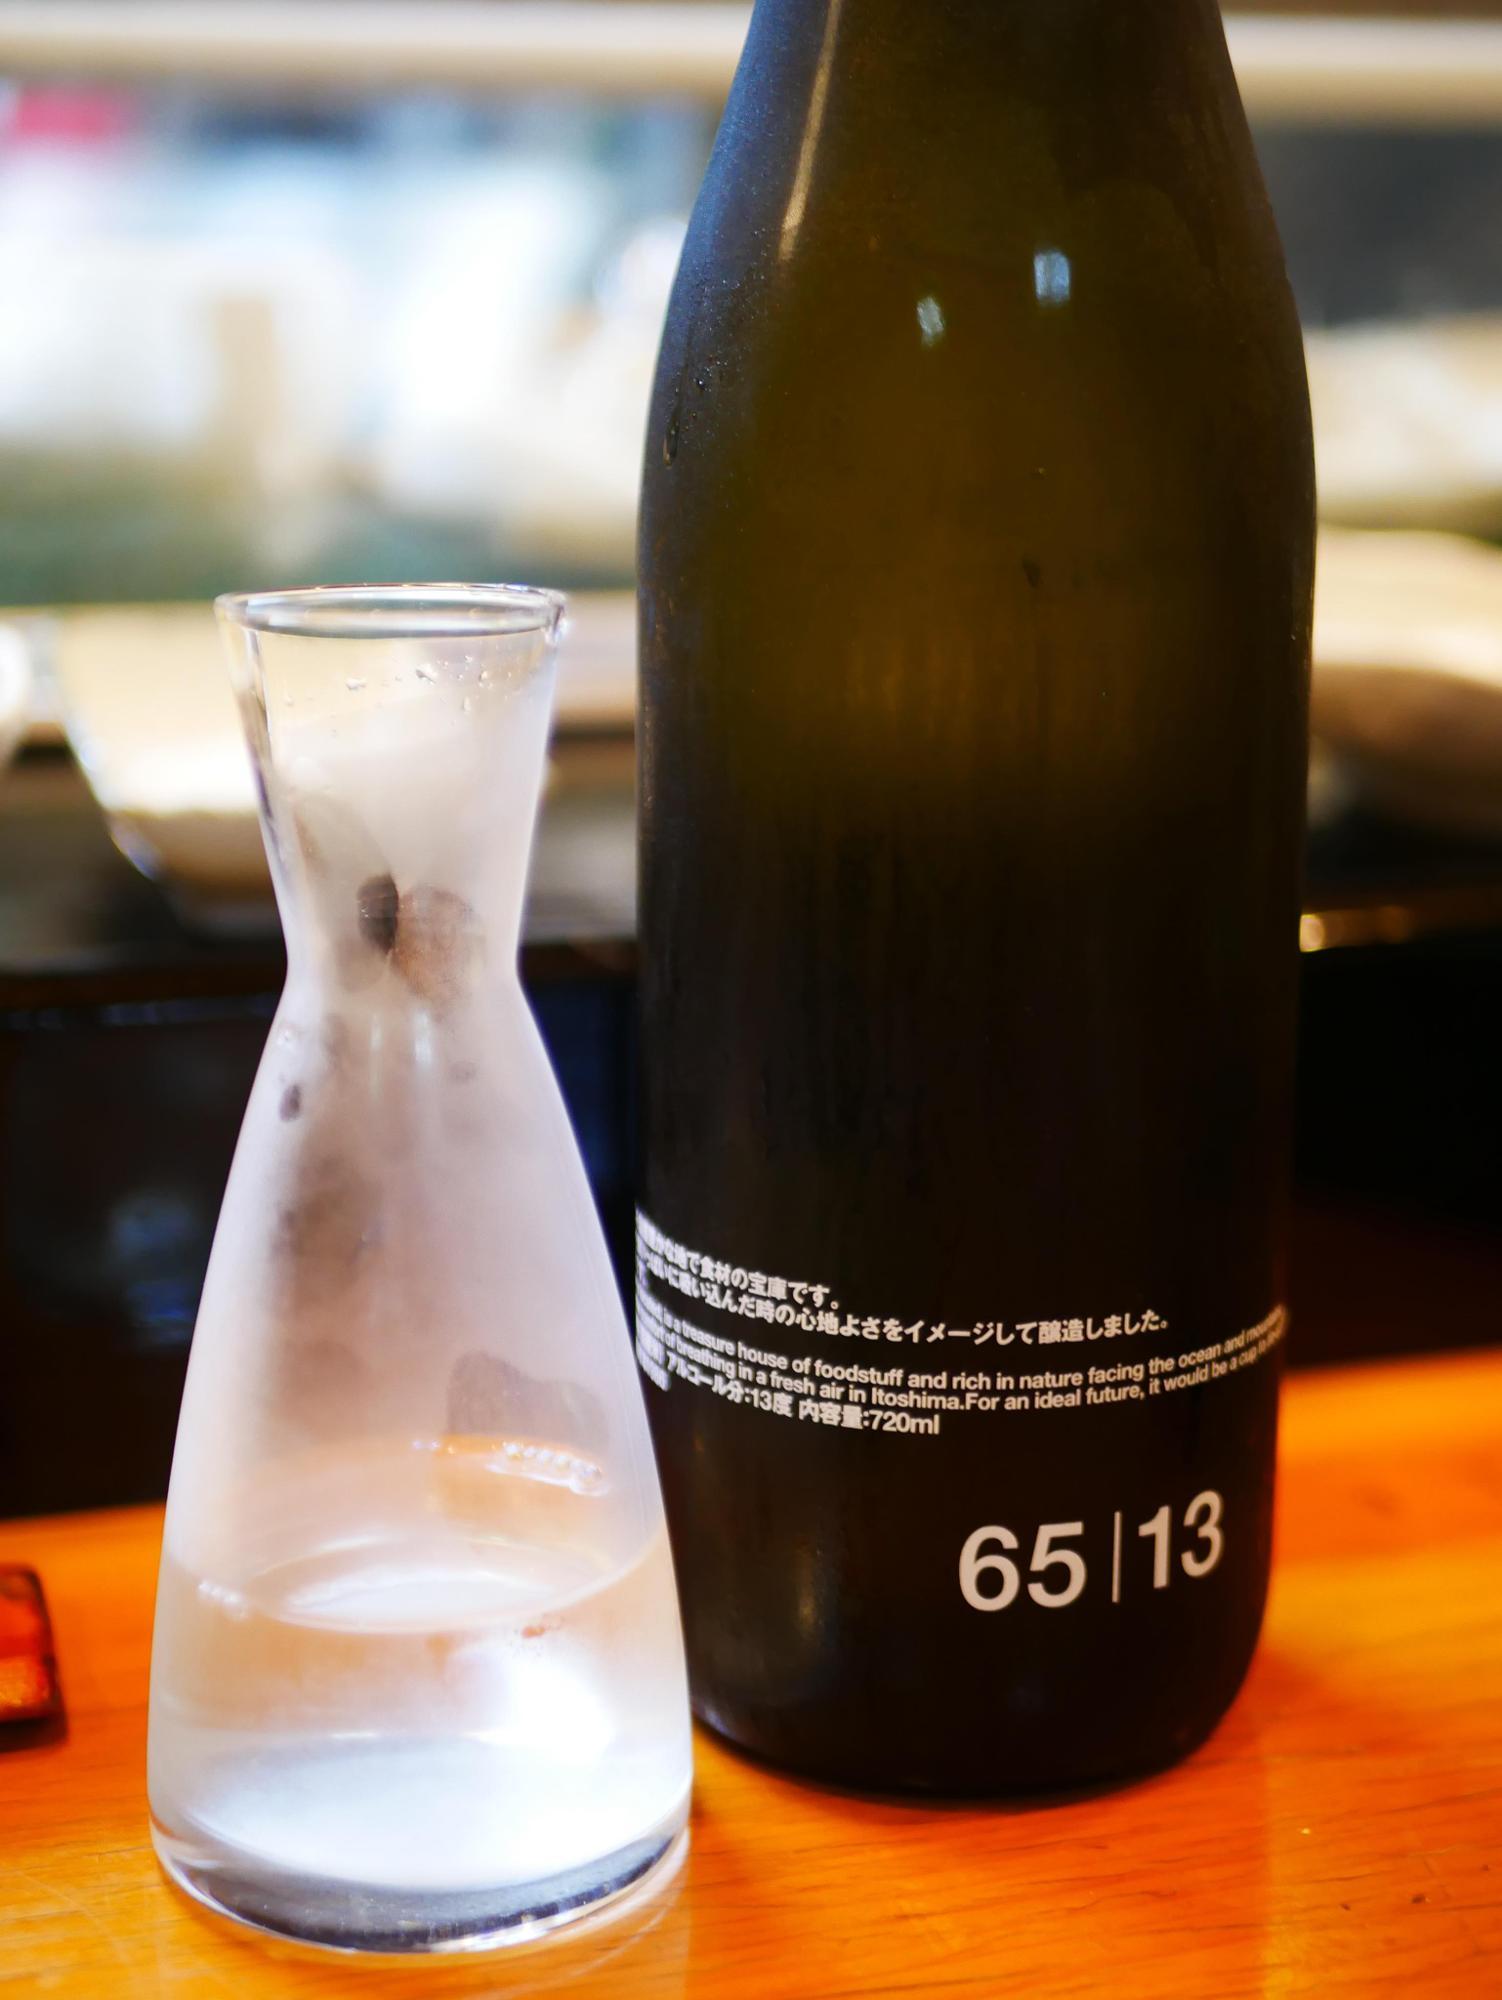 田中六五(たなかろくじゅうご) 6513のボトルは、シンプルかつお洒落 photo by KAZU